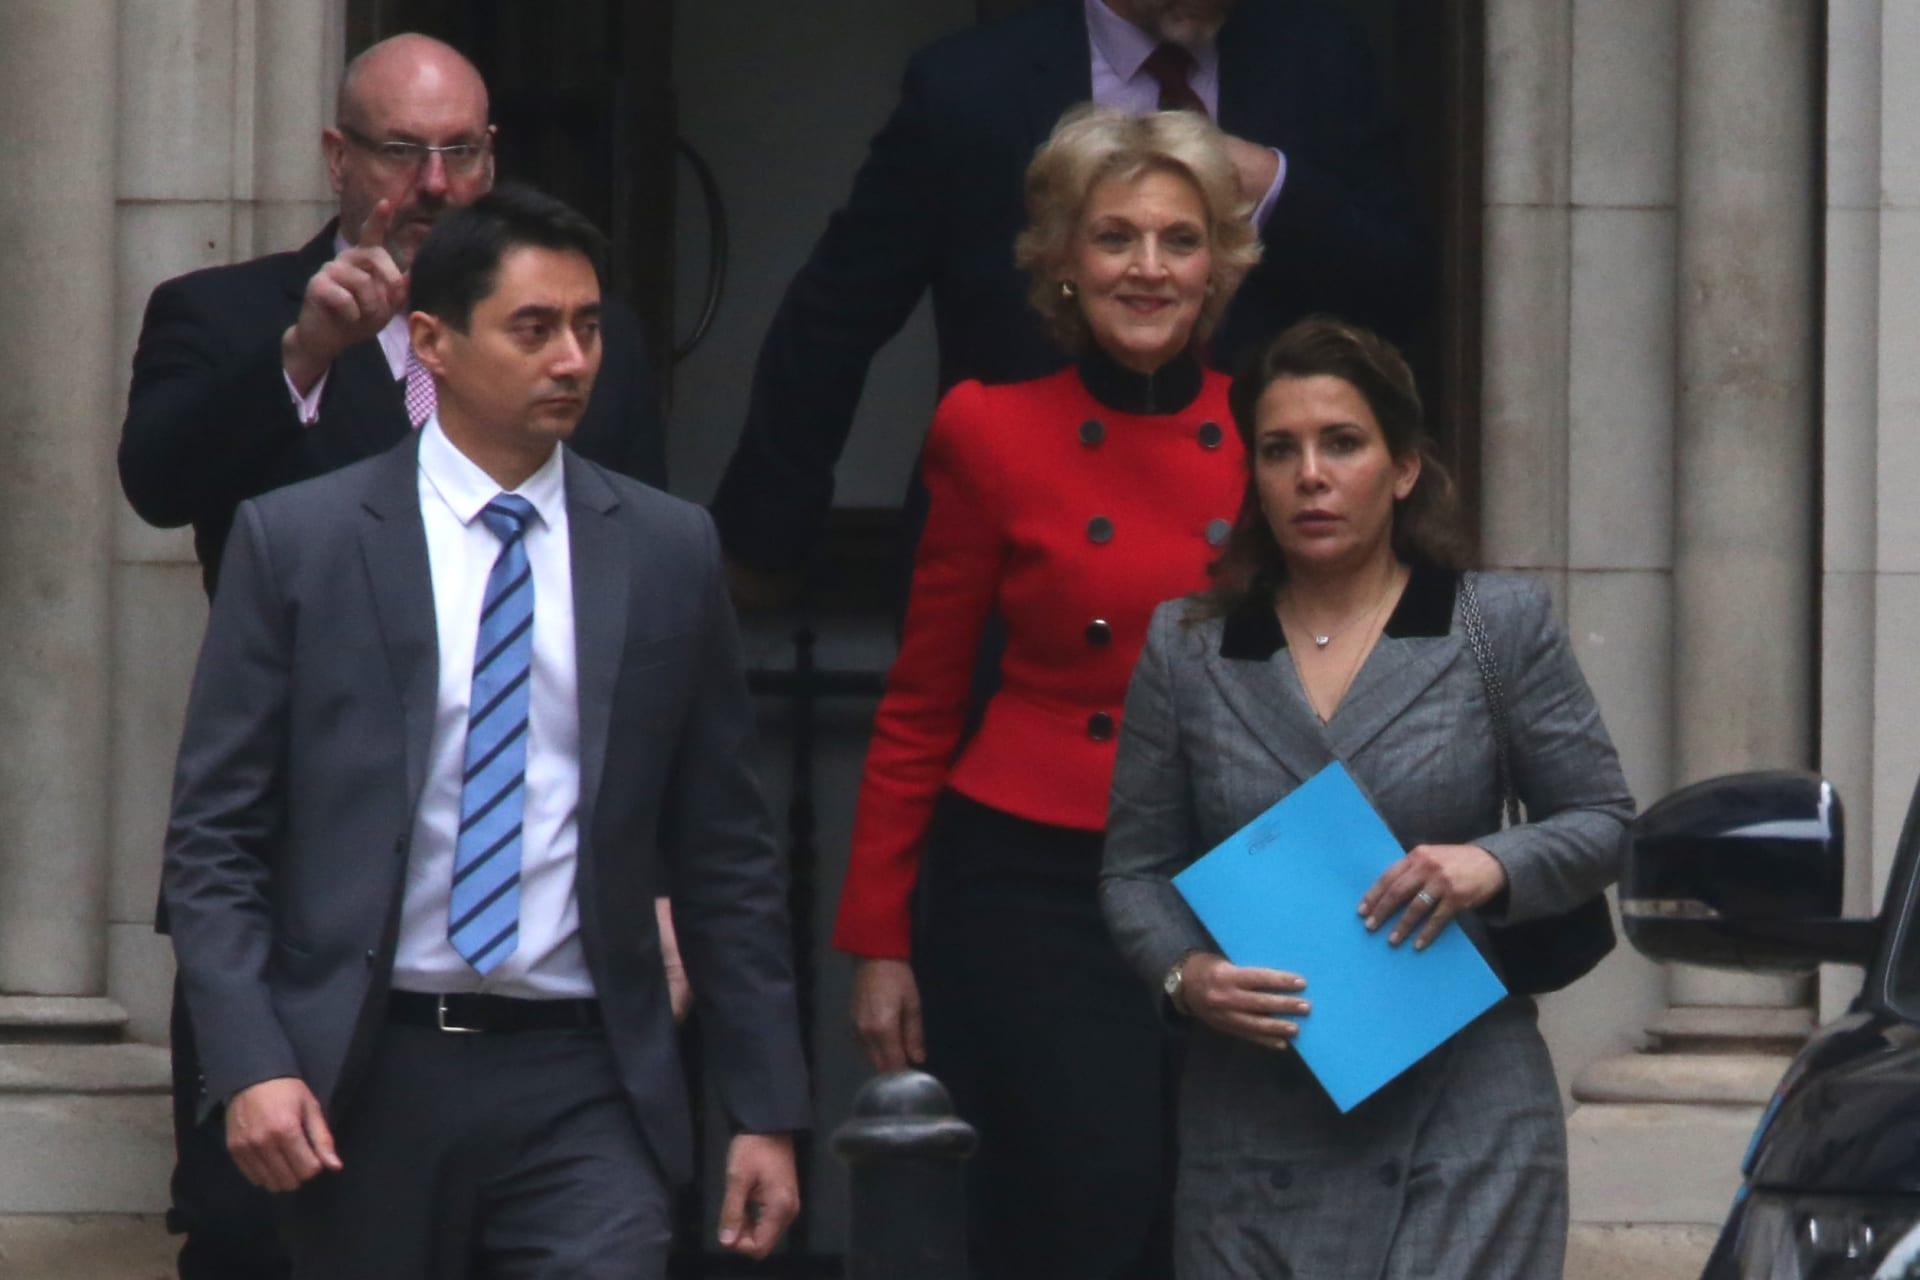 محمد بن راشد يرد على حكم بريطاني حول ادعاءات قرصنة هاتف الأميرة هيا